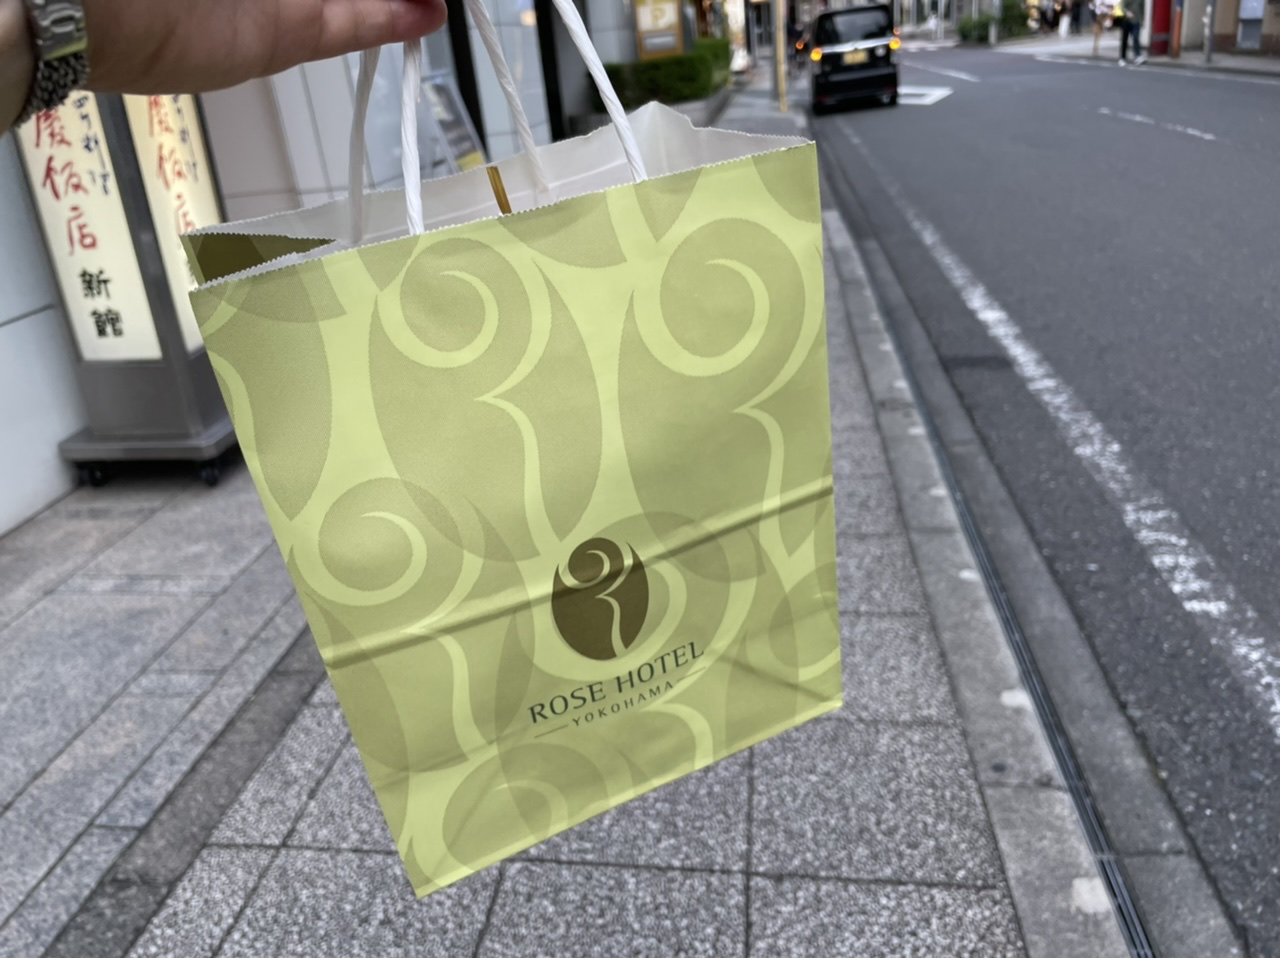 【マリトッツォ】横浜中華街に行ったら《ローズホテル横浜》のマリトッツォをお土産に!_4